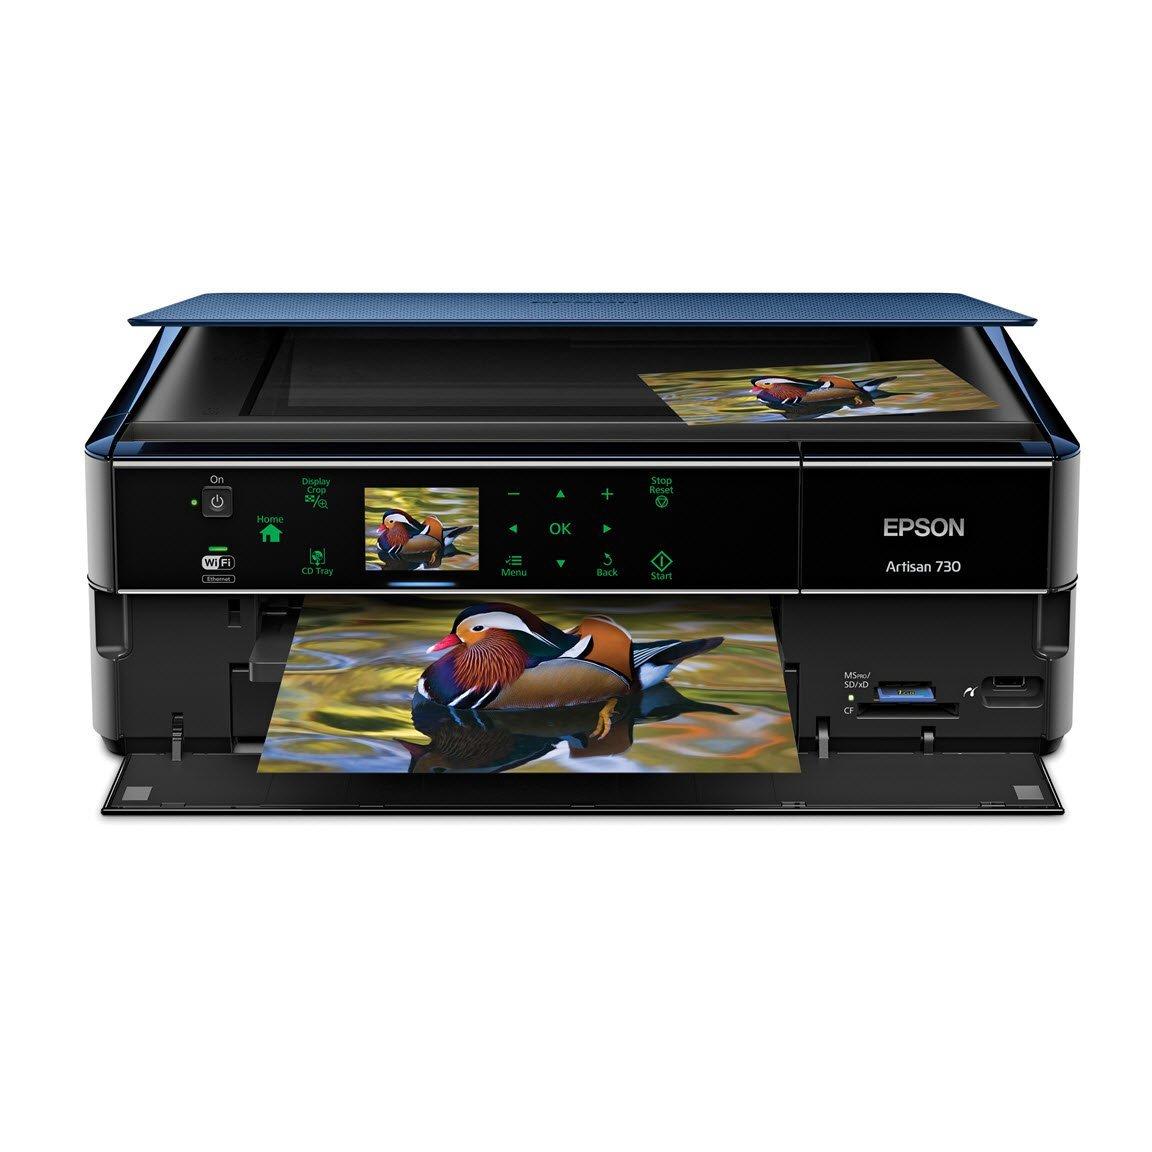 https://thetechjournal.com/wp-content/uploads/images/1111/1322650369-epson-artisan-730-color-inkjet-wireless-allinone-printer-1.jpg